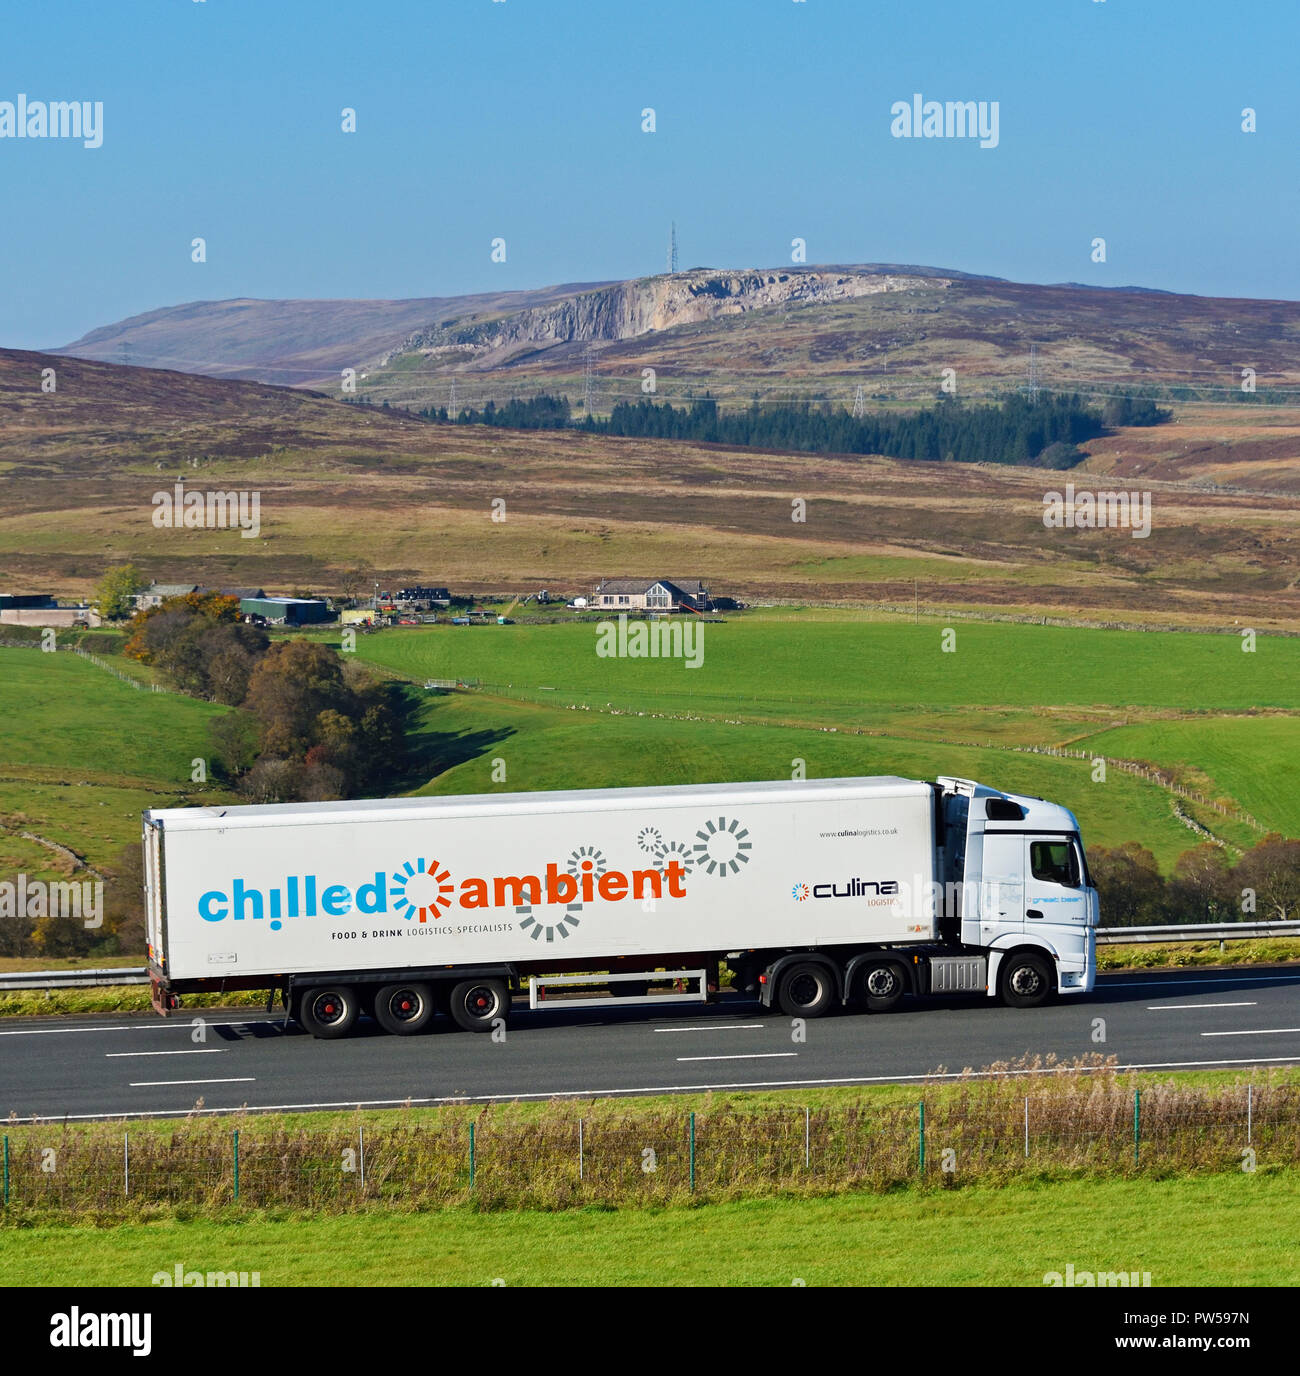 Culina Logística VHG. Refrigerados y a temperatura ambiente, la comida y la bebida especialistas en logística. Autopista M6 carril, Shap, Cumbria, Inglaterra, Reino Unido. Imagen De Stock